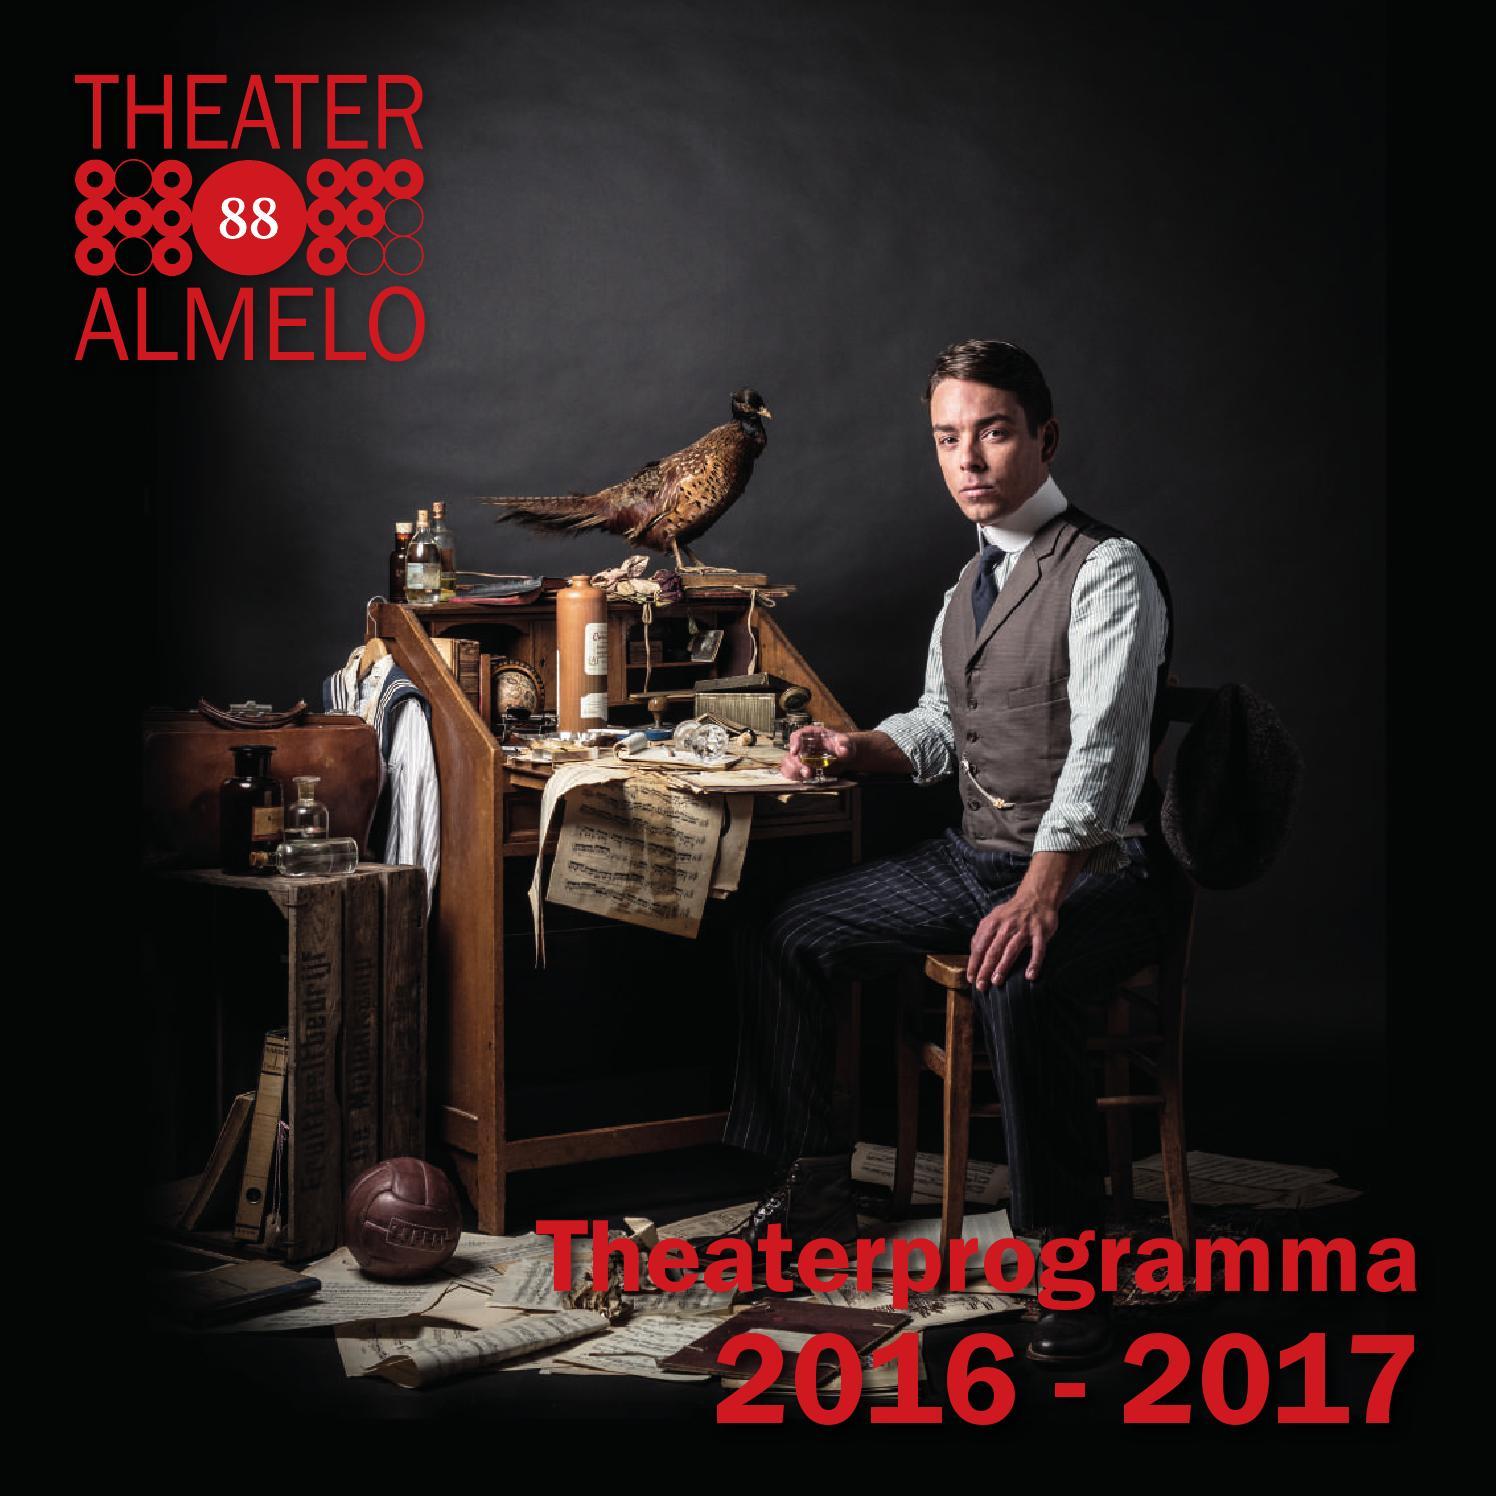 Ancilla Van Der Leest Naakt theaterbrochure 2016-2017theater hof 88 - issuu